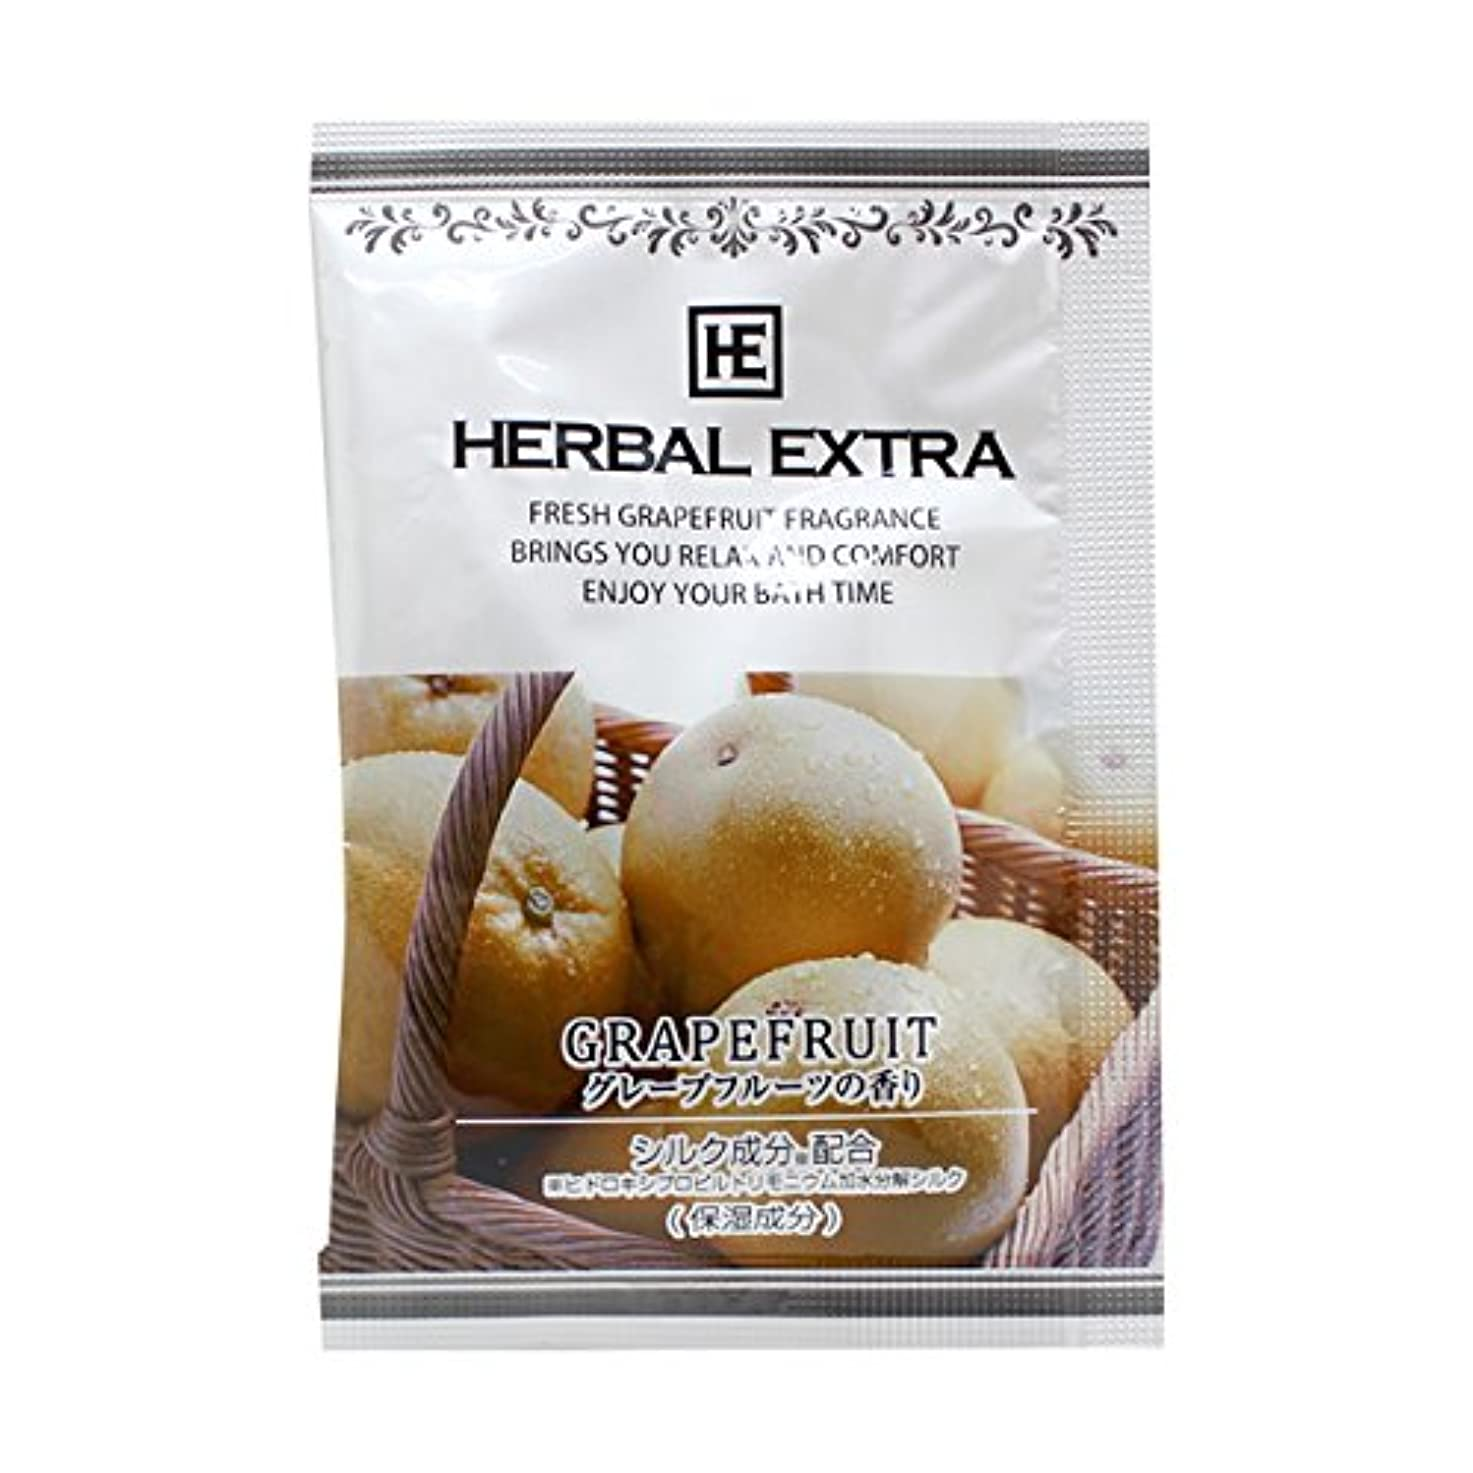 動脈モナリザ宣教師入浴剤 ハーバルエクストラ「グレープフルーツの香り」30個